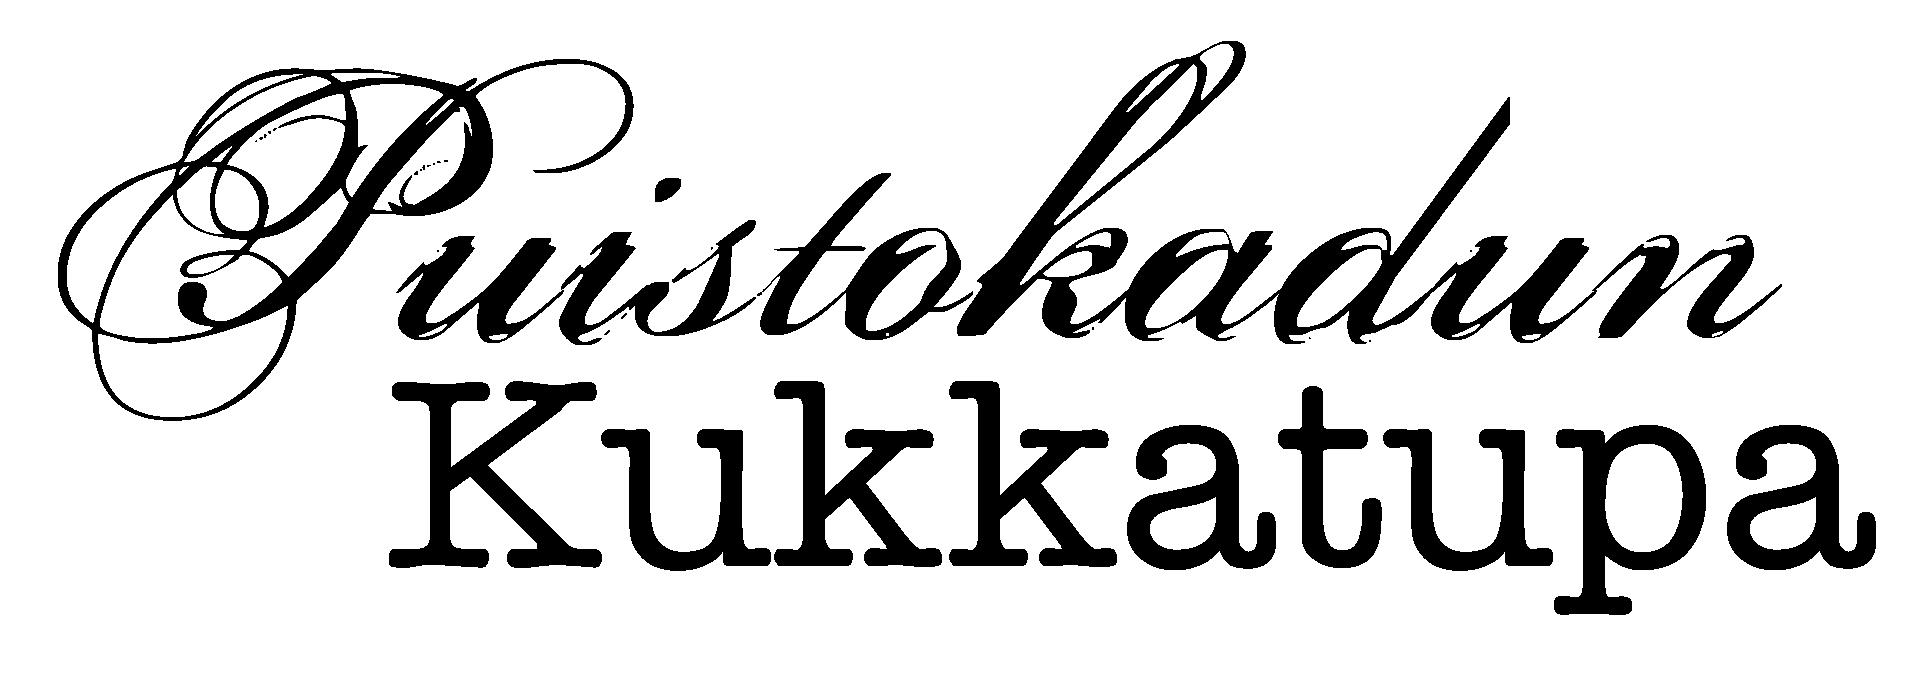 Puistokadun Kukkatupa